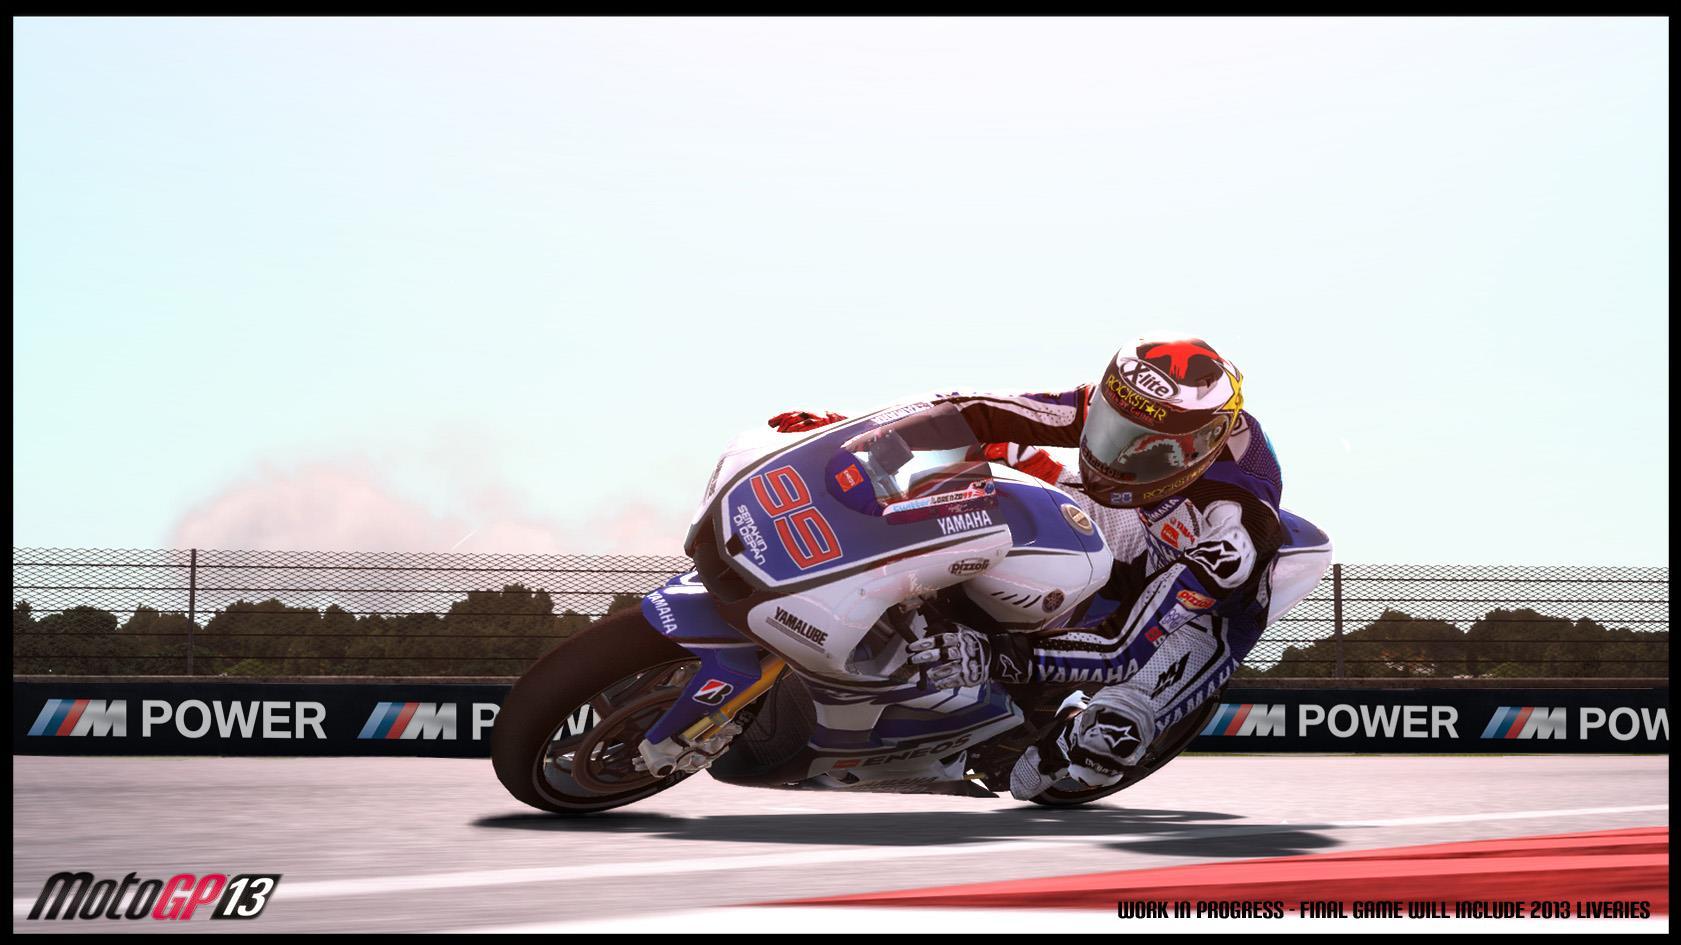 MotoGP full screenshot